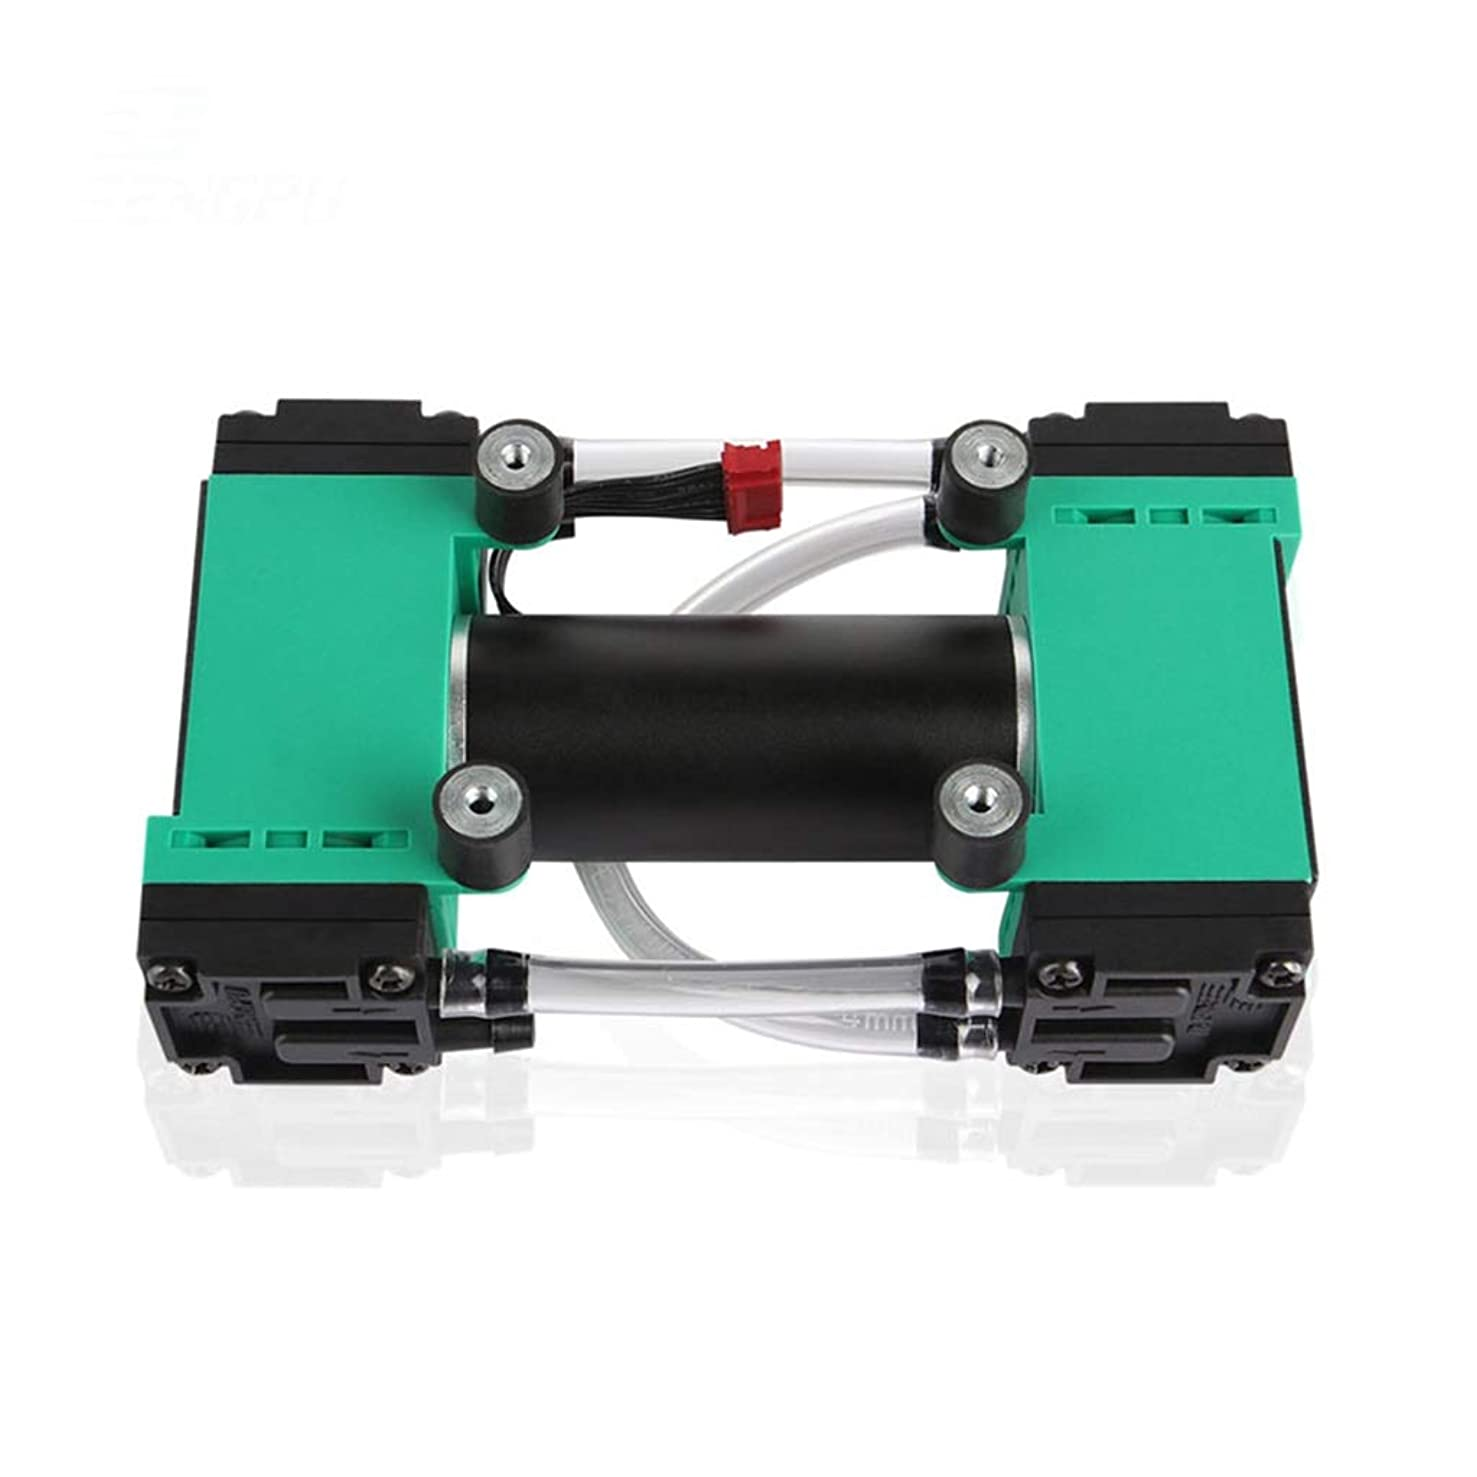 廃止禁じるバンク12Vミニチュア真空ポンプ-98KPa高真空ポンプ24V小型ダイヤフラムエアポンプ可変速無給油産業医療研究所などに最適